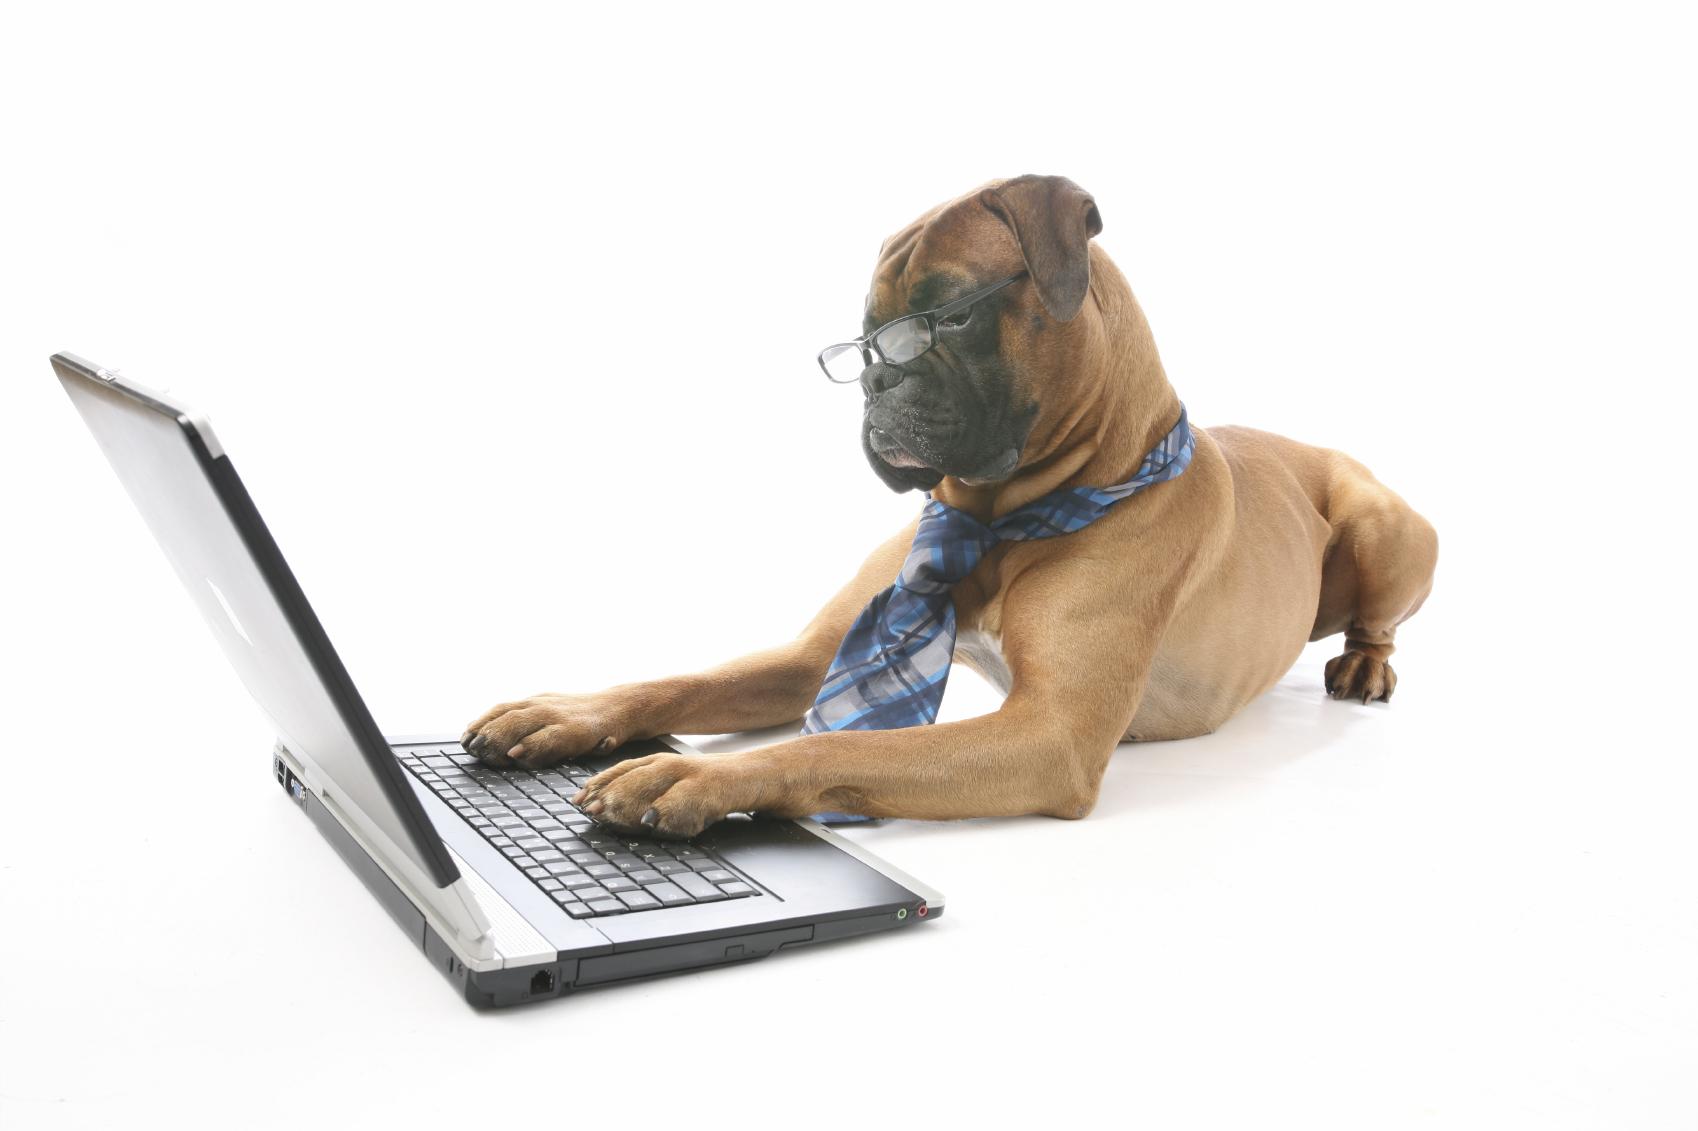 A dog essay